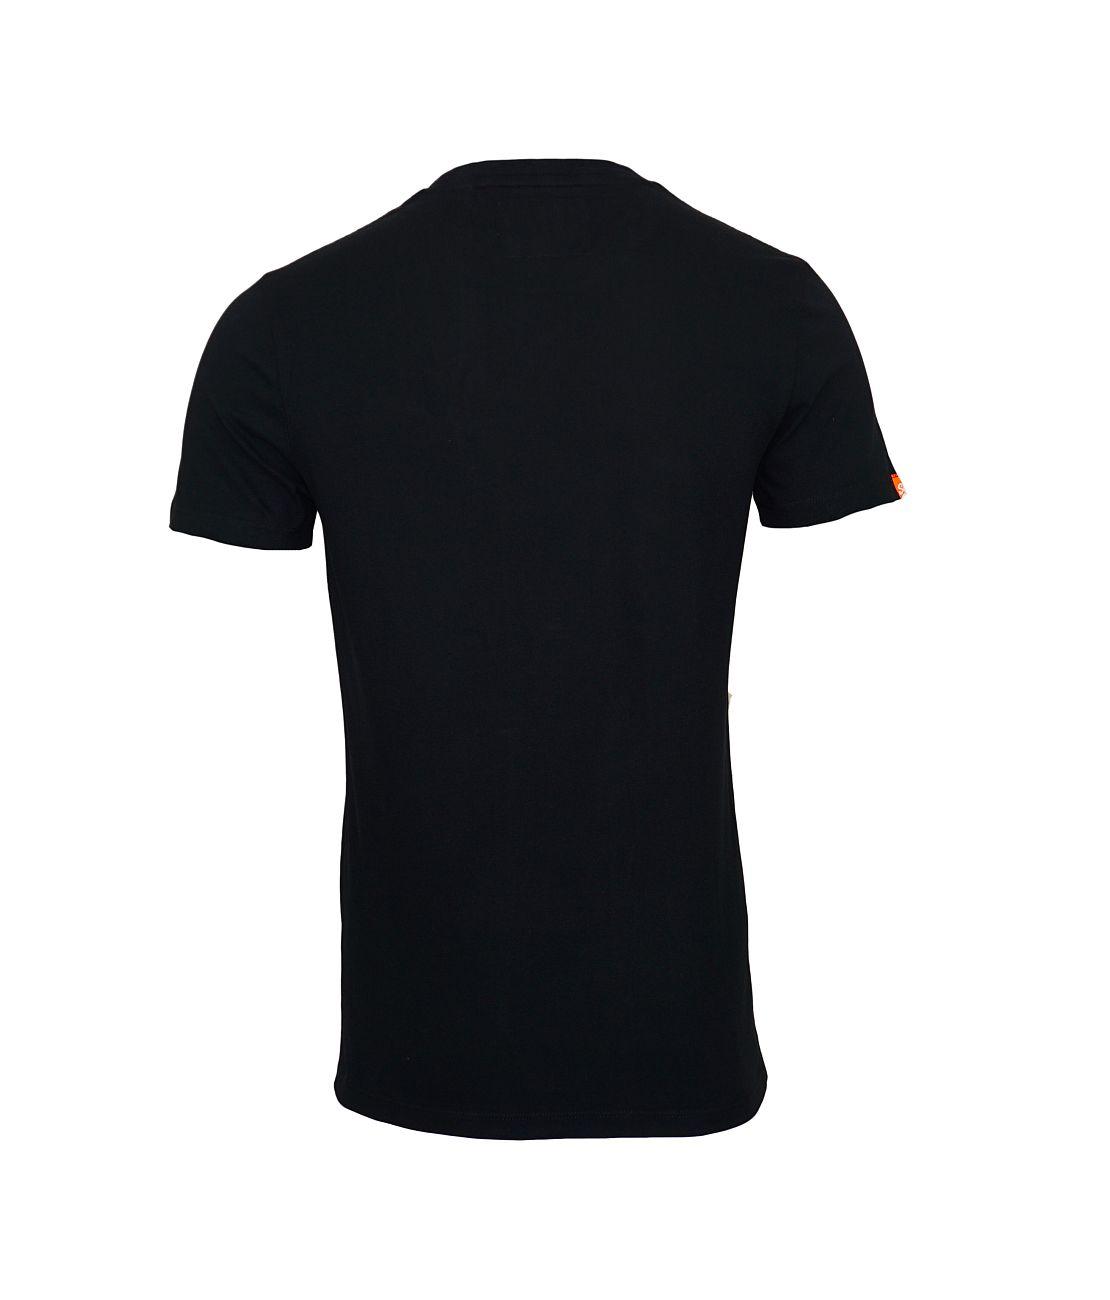 Superdry T-Shirt Orange Label Vintage EMB Tee M10000NS Black F18-SDT1